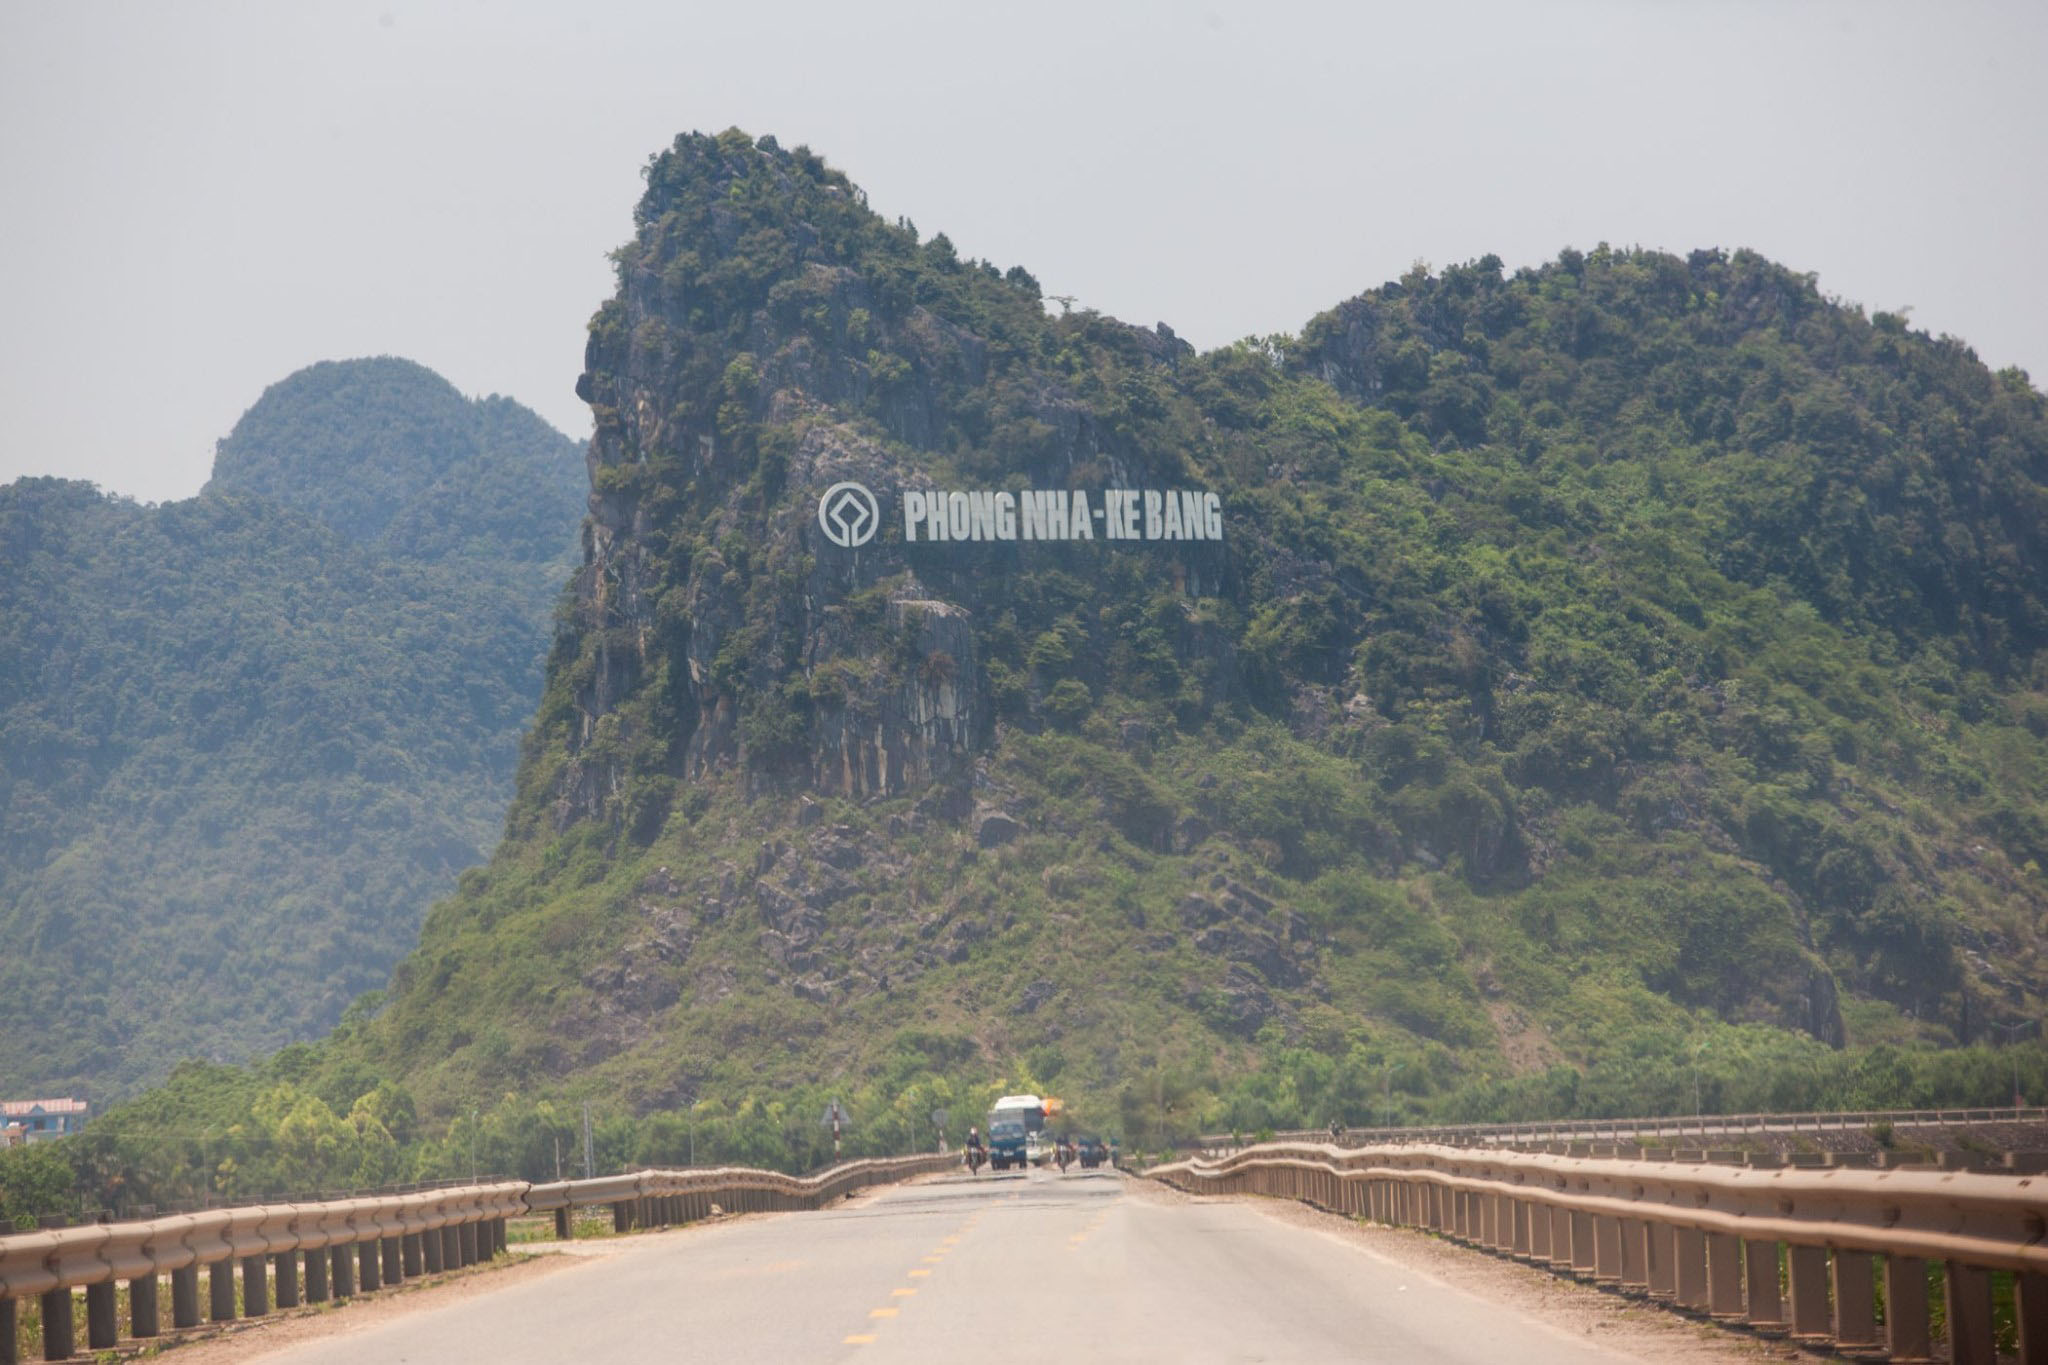 Hình ảnh về vườn quốc gia Phong Nha Kẻ Bàng